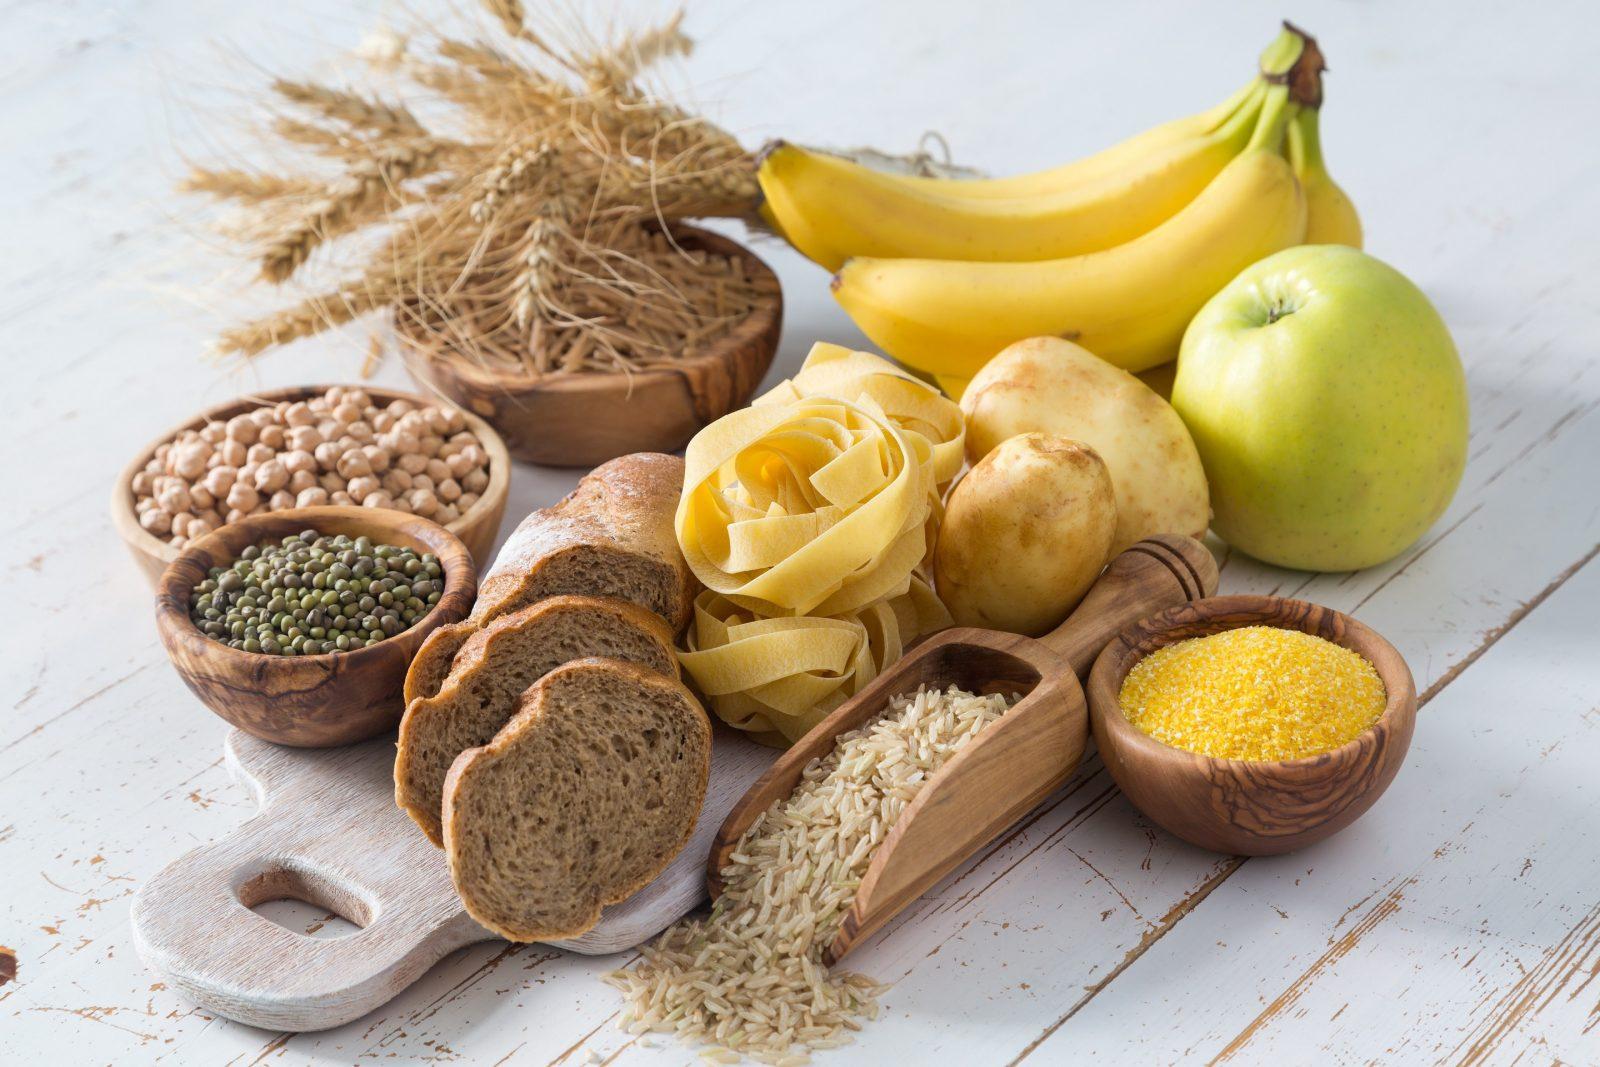 бананы, яблоко, ржаной хлеб, крупы, макароны, бурый рис, картошка, горох